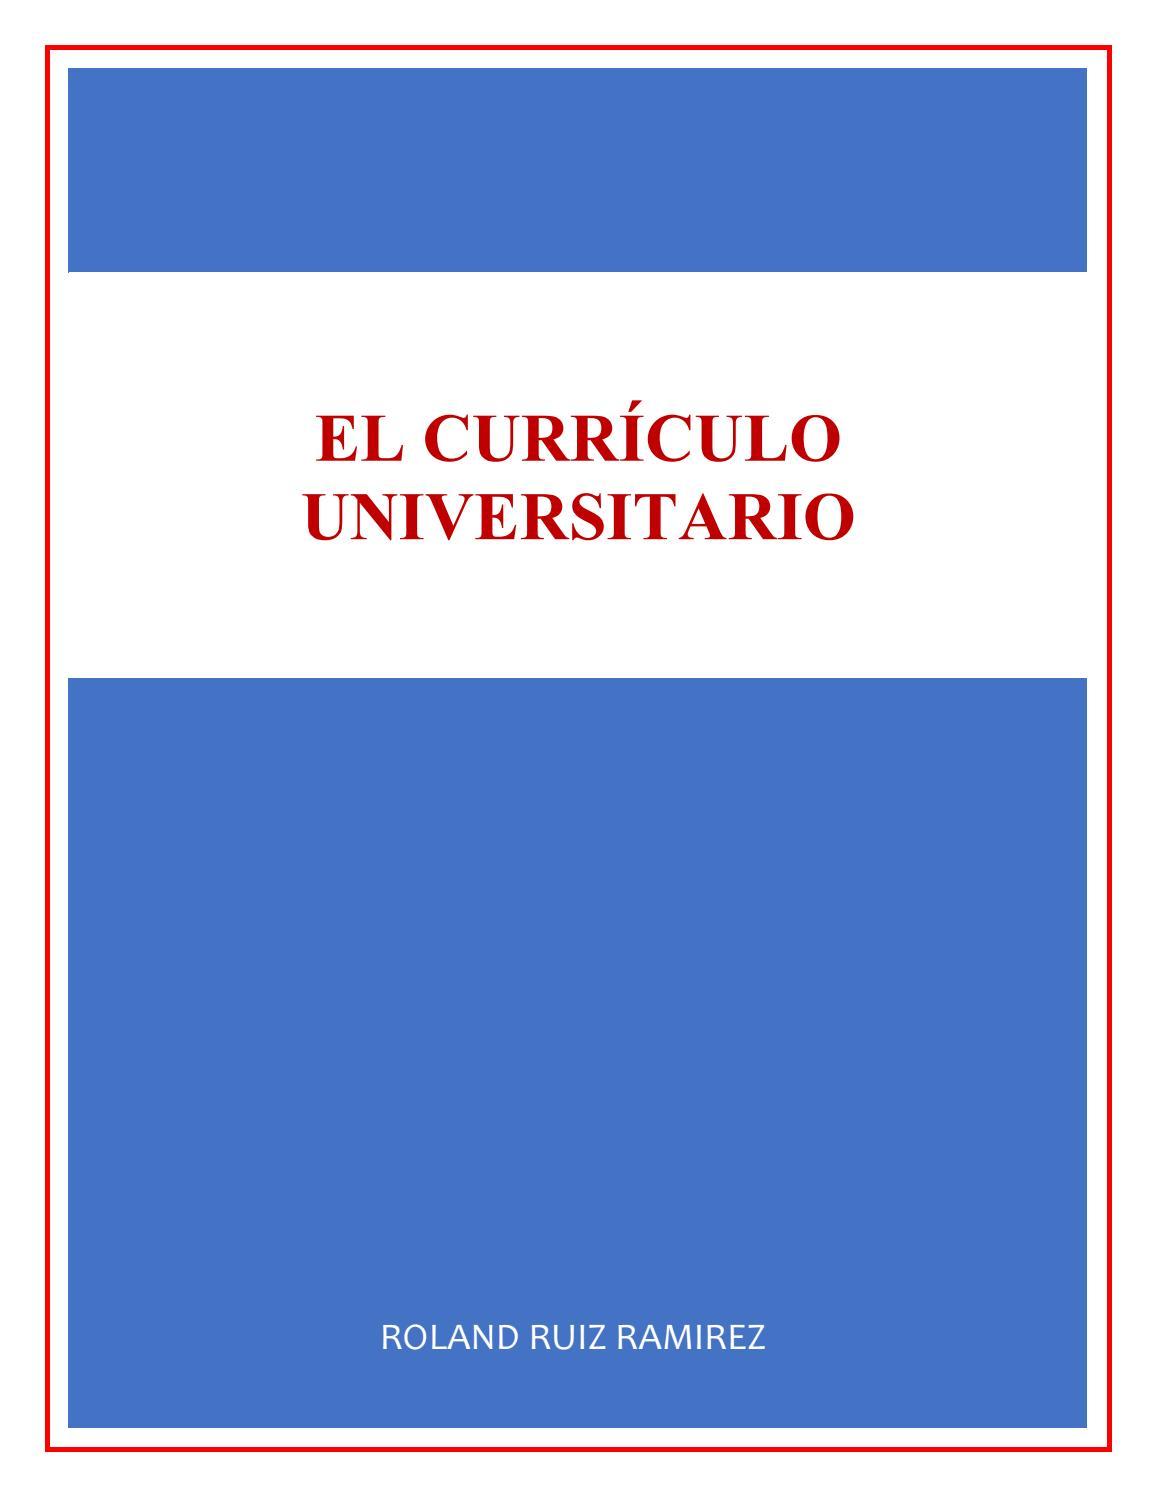 Monografía del Curriculo by Roland Ruiz - issuu